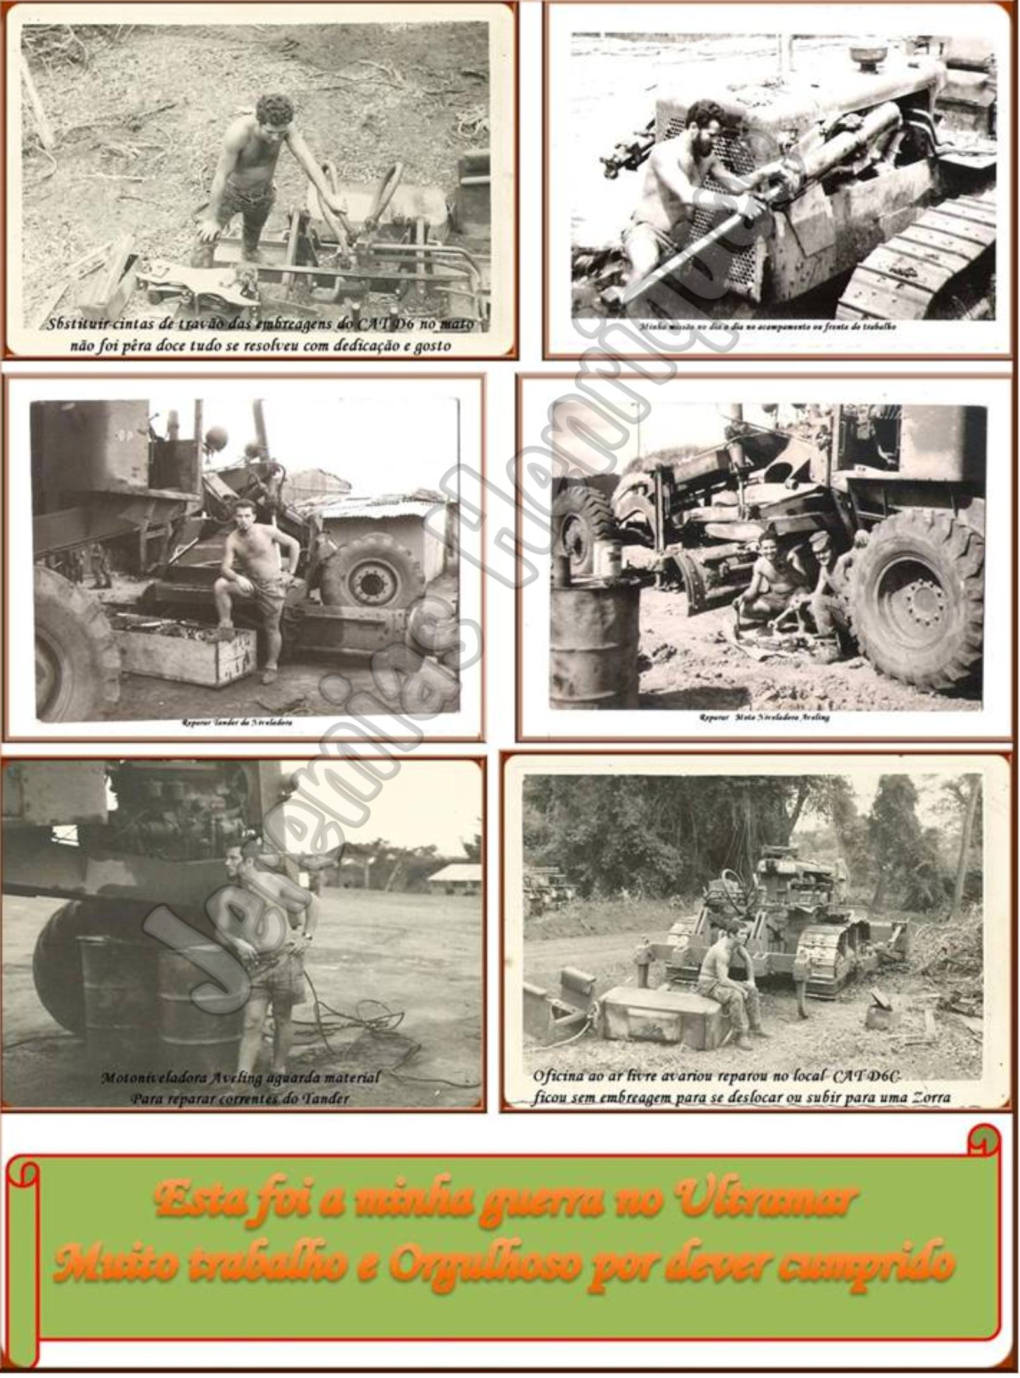 CEng1756: Máquinas, Trabalhos, Construção e Louvor (Angola 1967 a 1969) - Jeremias Henriques 01jere10